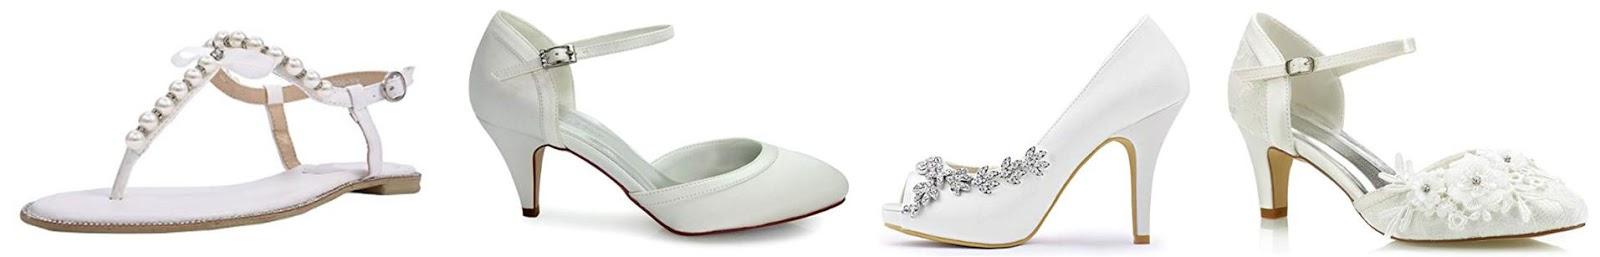 best budget bridal shoes